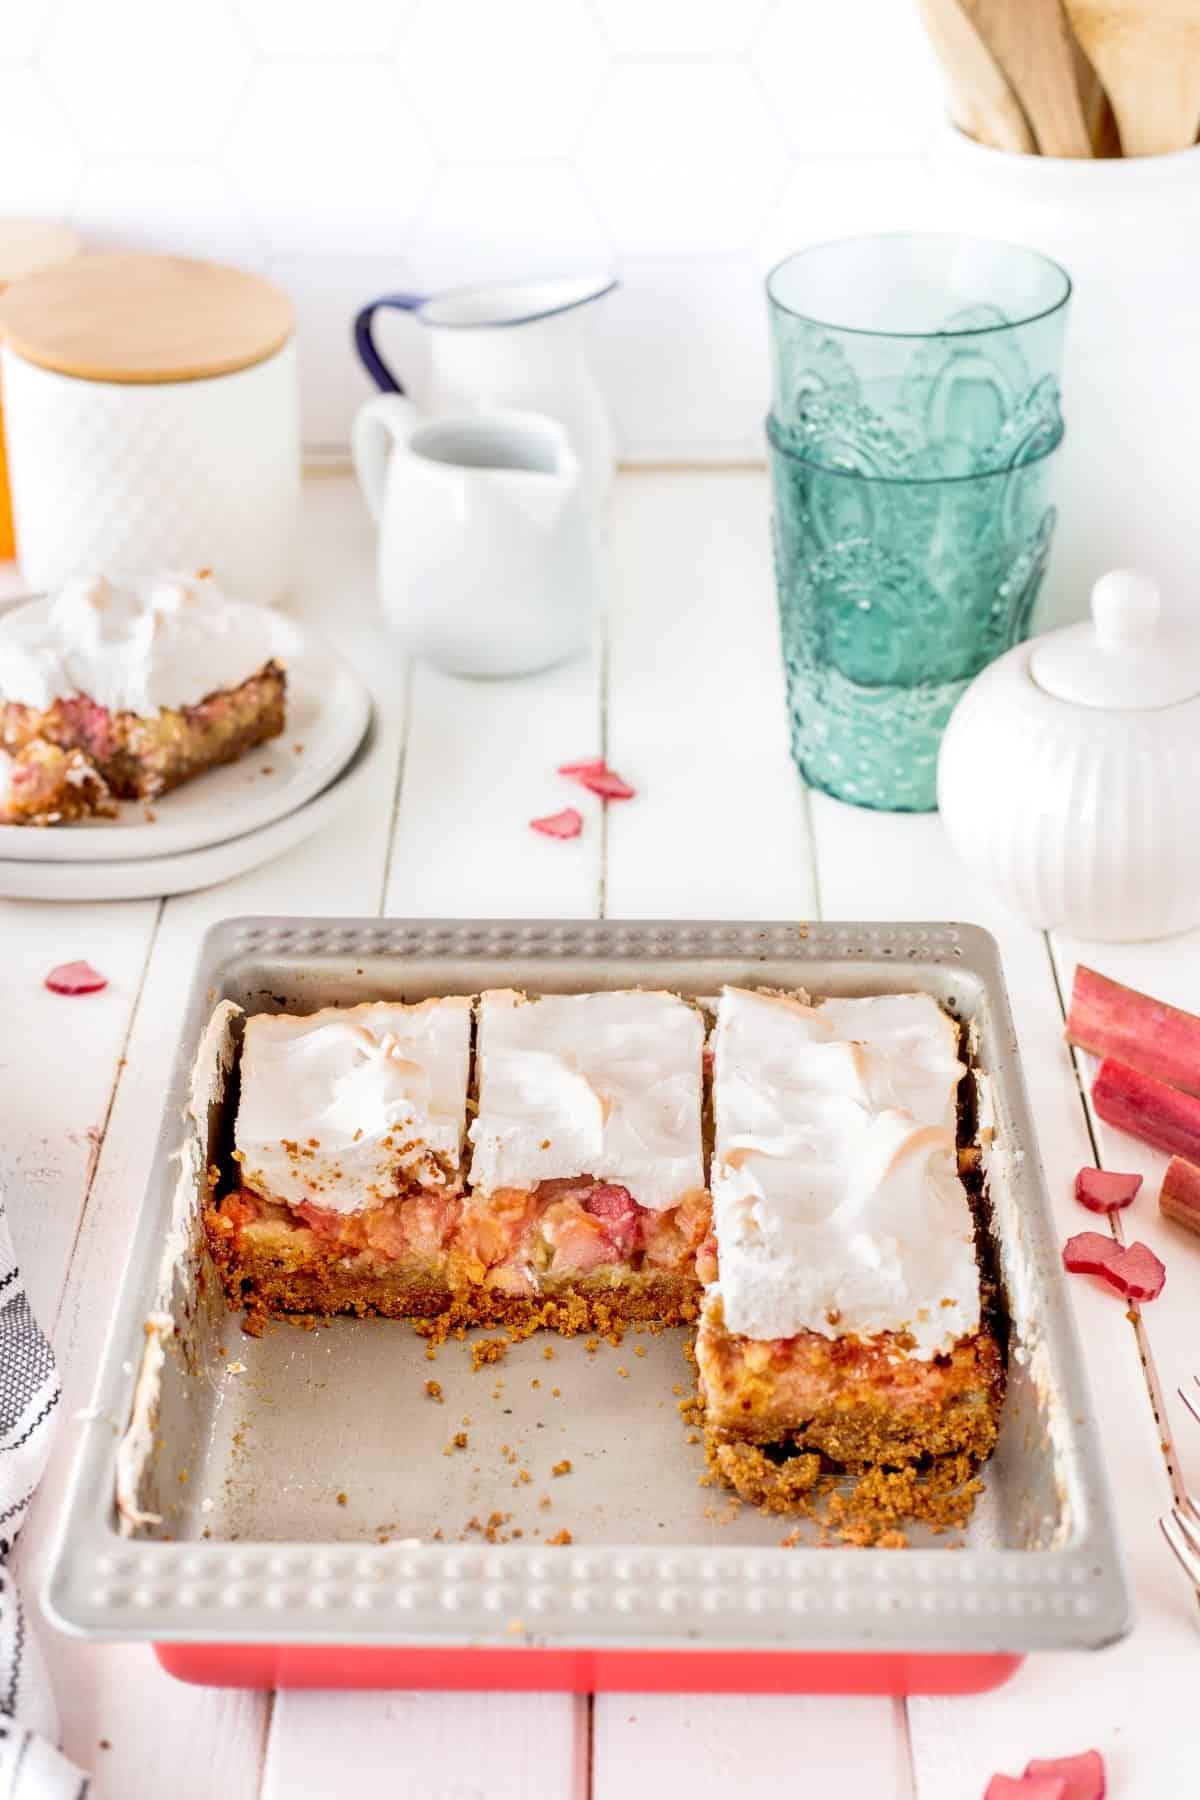 Rhubarb meringue dessert in pan.